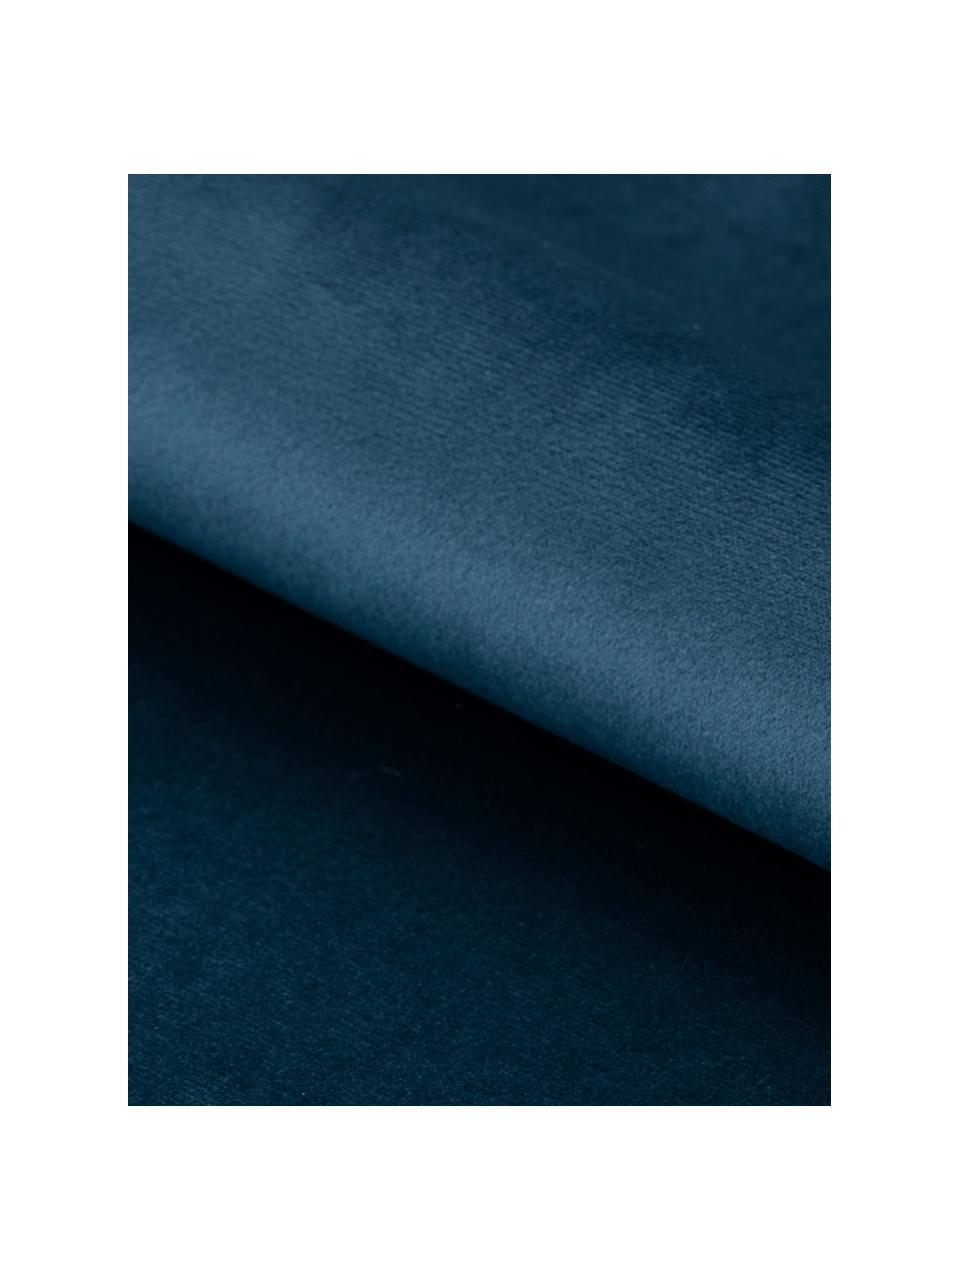 Panca in velluto Glory, Rivestimento: velluto di poliestere 25., Struttura: metallo verniciato a polv, Blu, nero, Larg. 95 x Alt. 45 cm